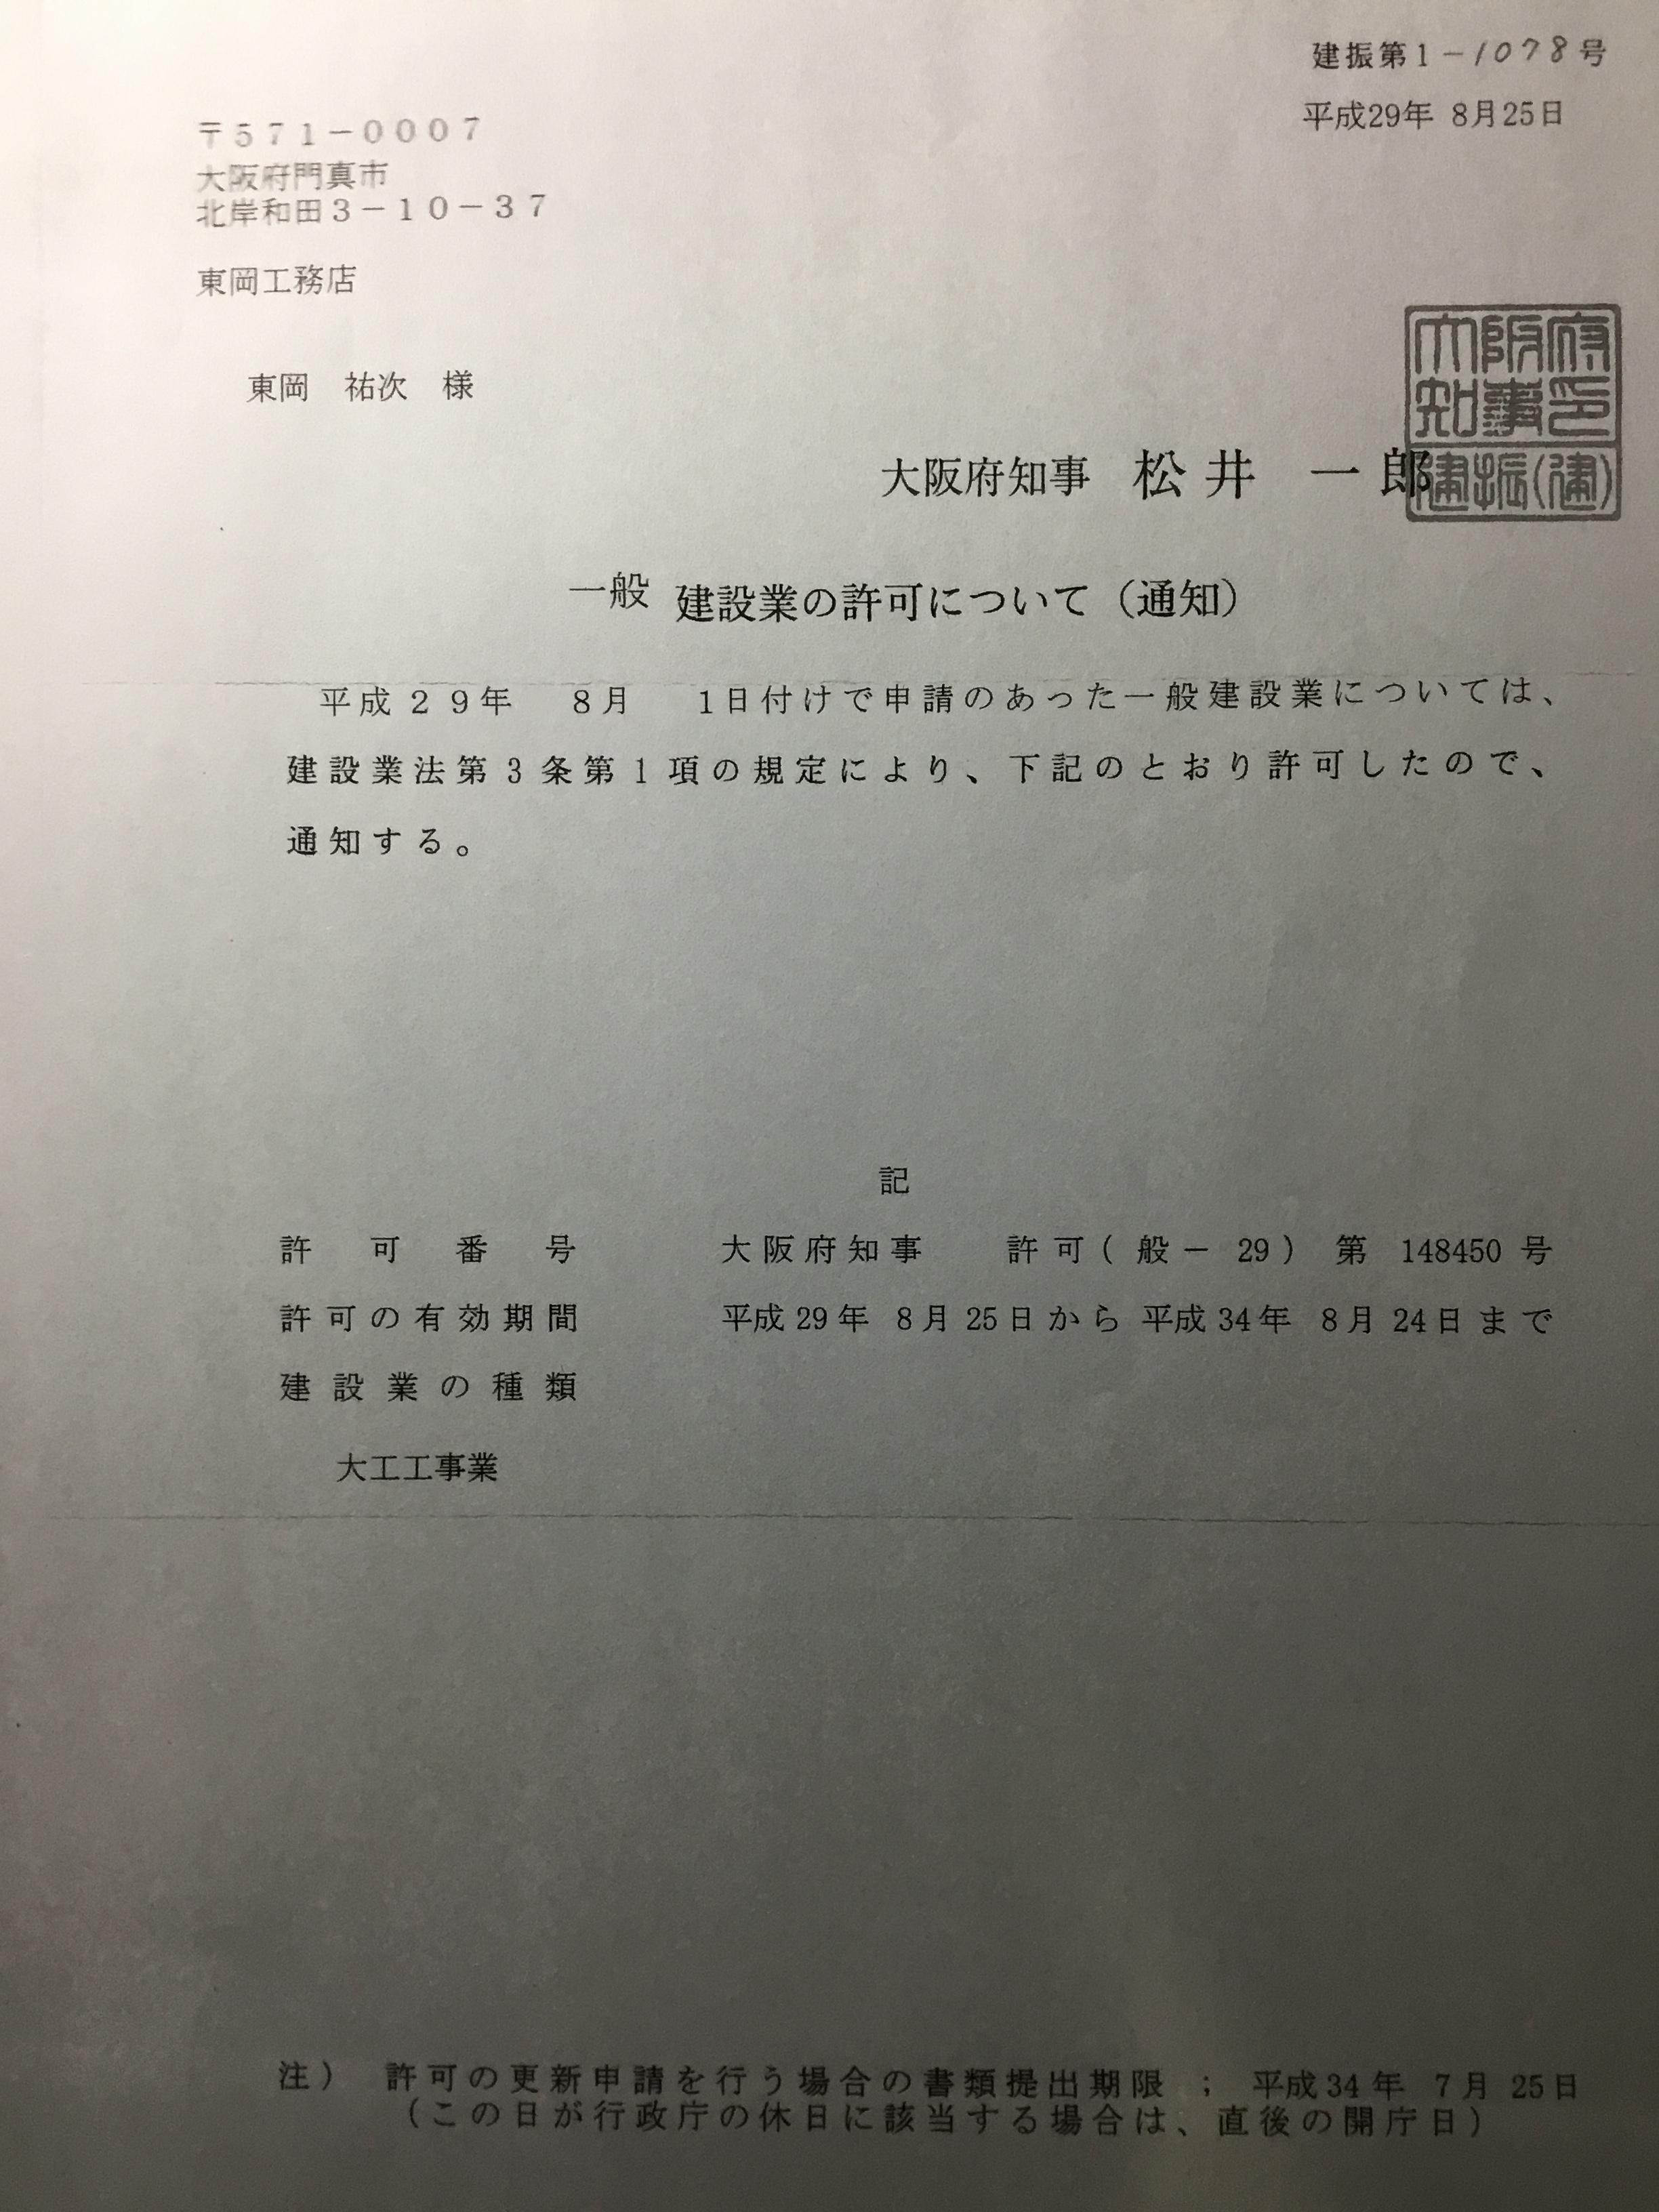 大阪府知事 大工工事業許可 東岡工務店様